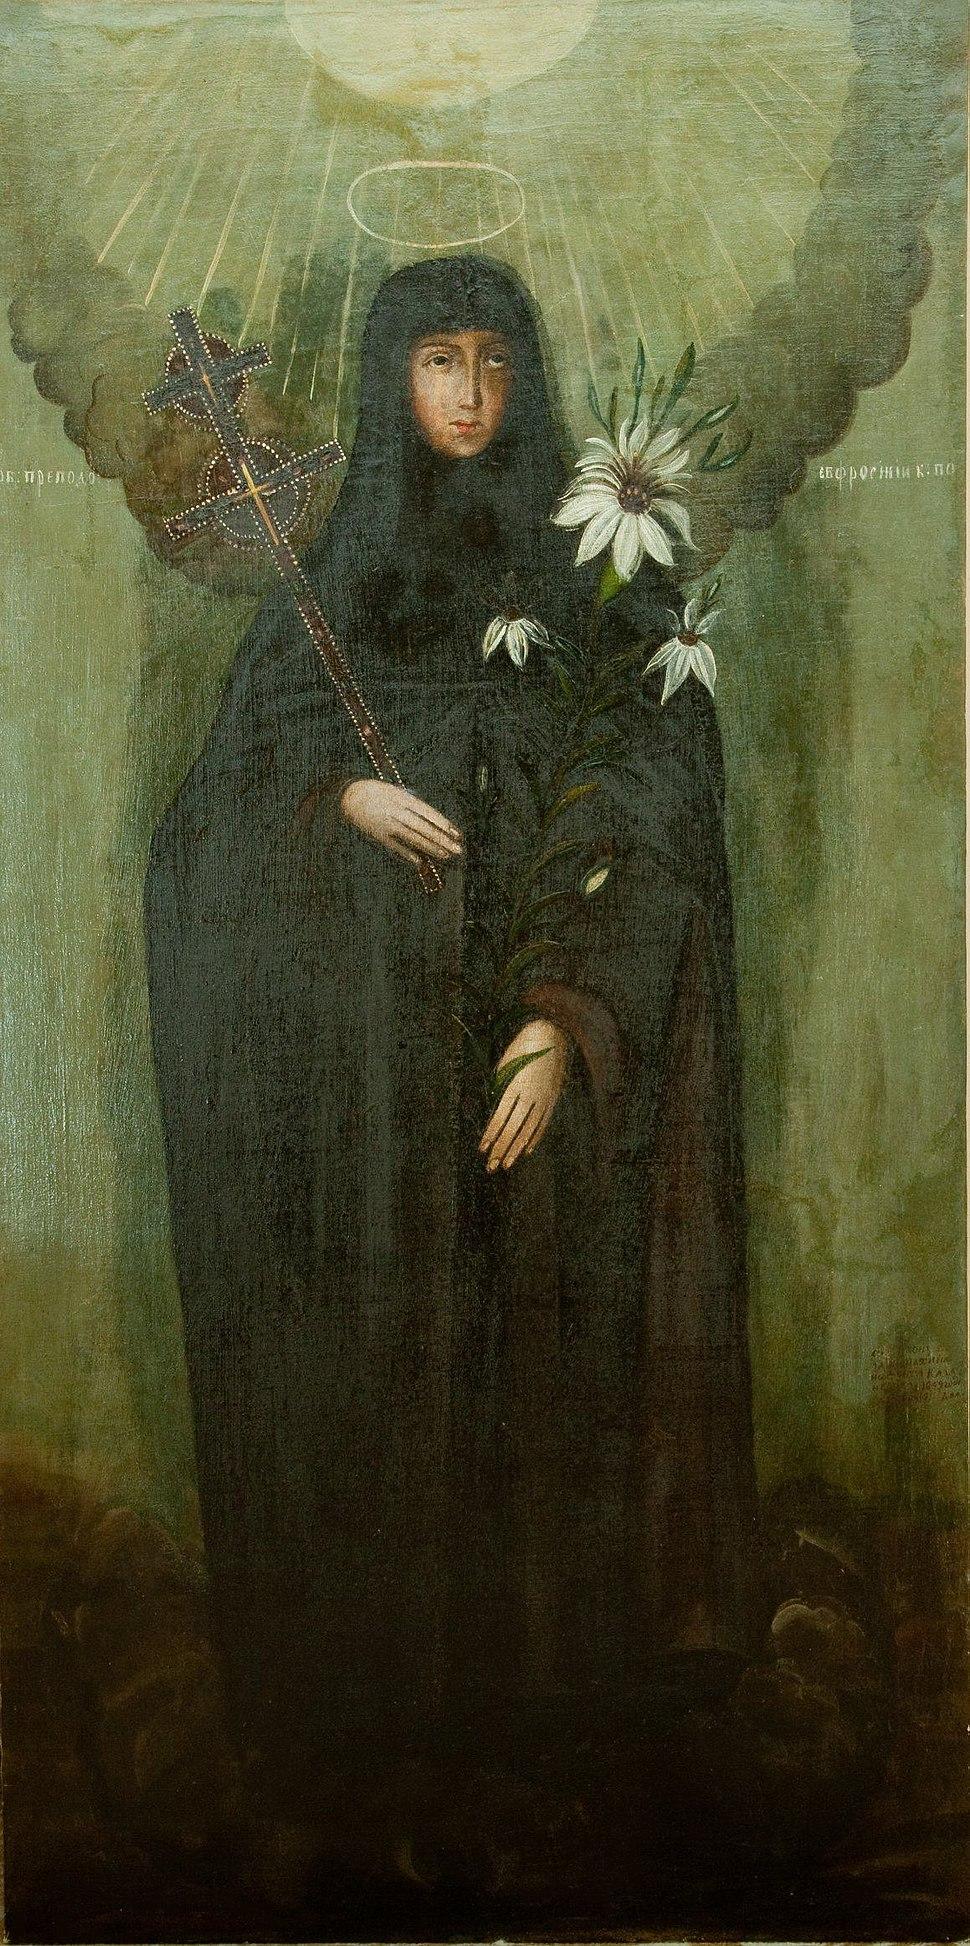 Eŭfrasińnia Połackaja. Эўфрасіньня Полацкая (1859)